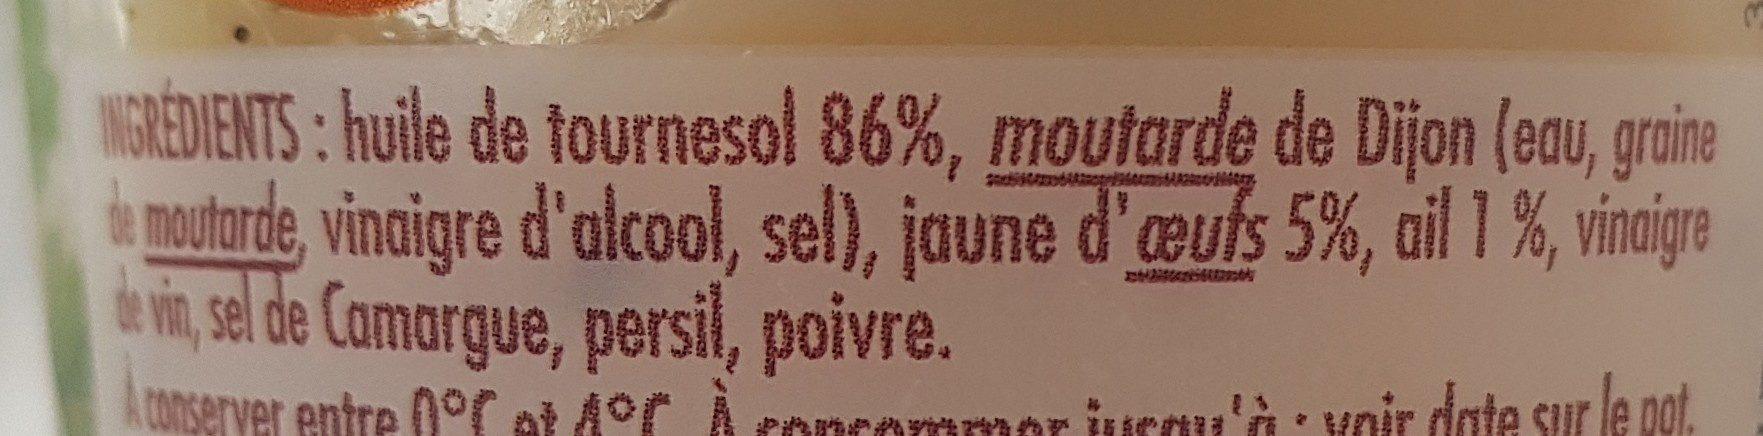 Sauces Aïoli doux en ail - Ingrédients - fr